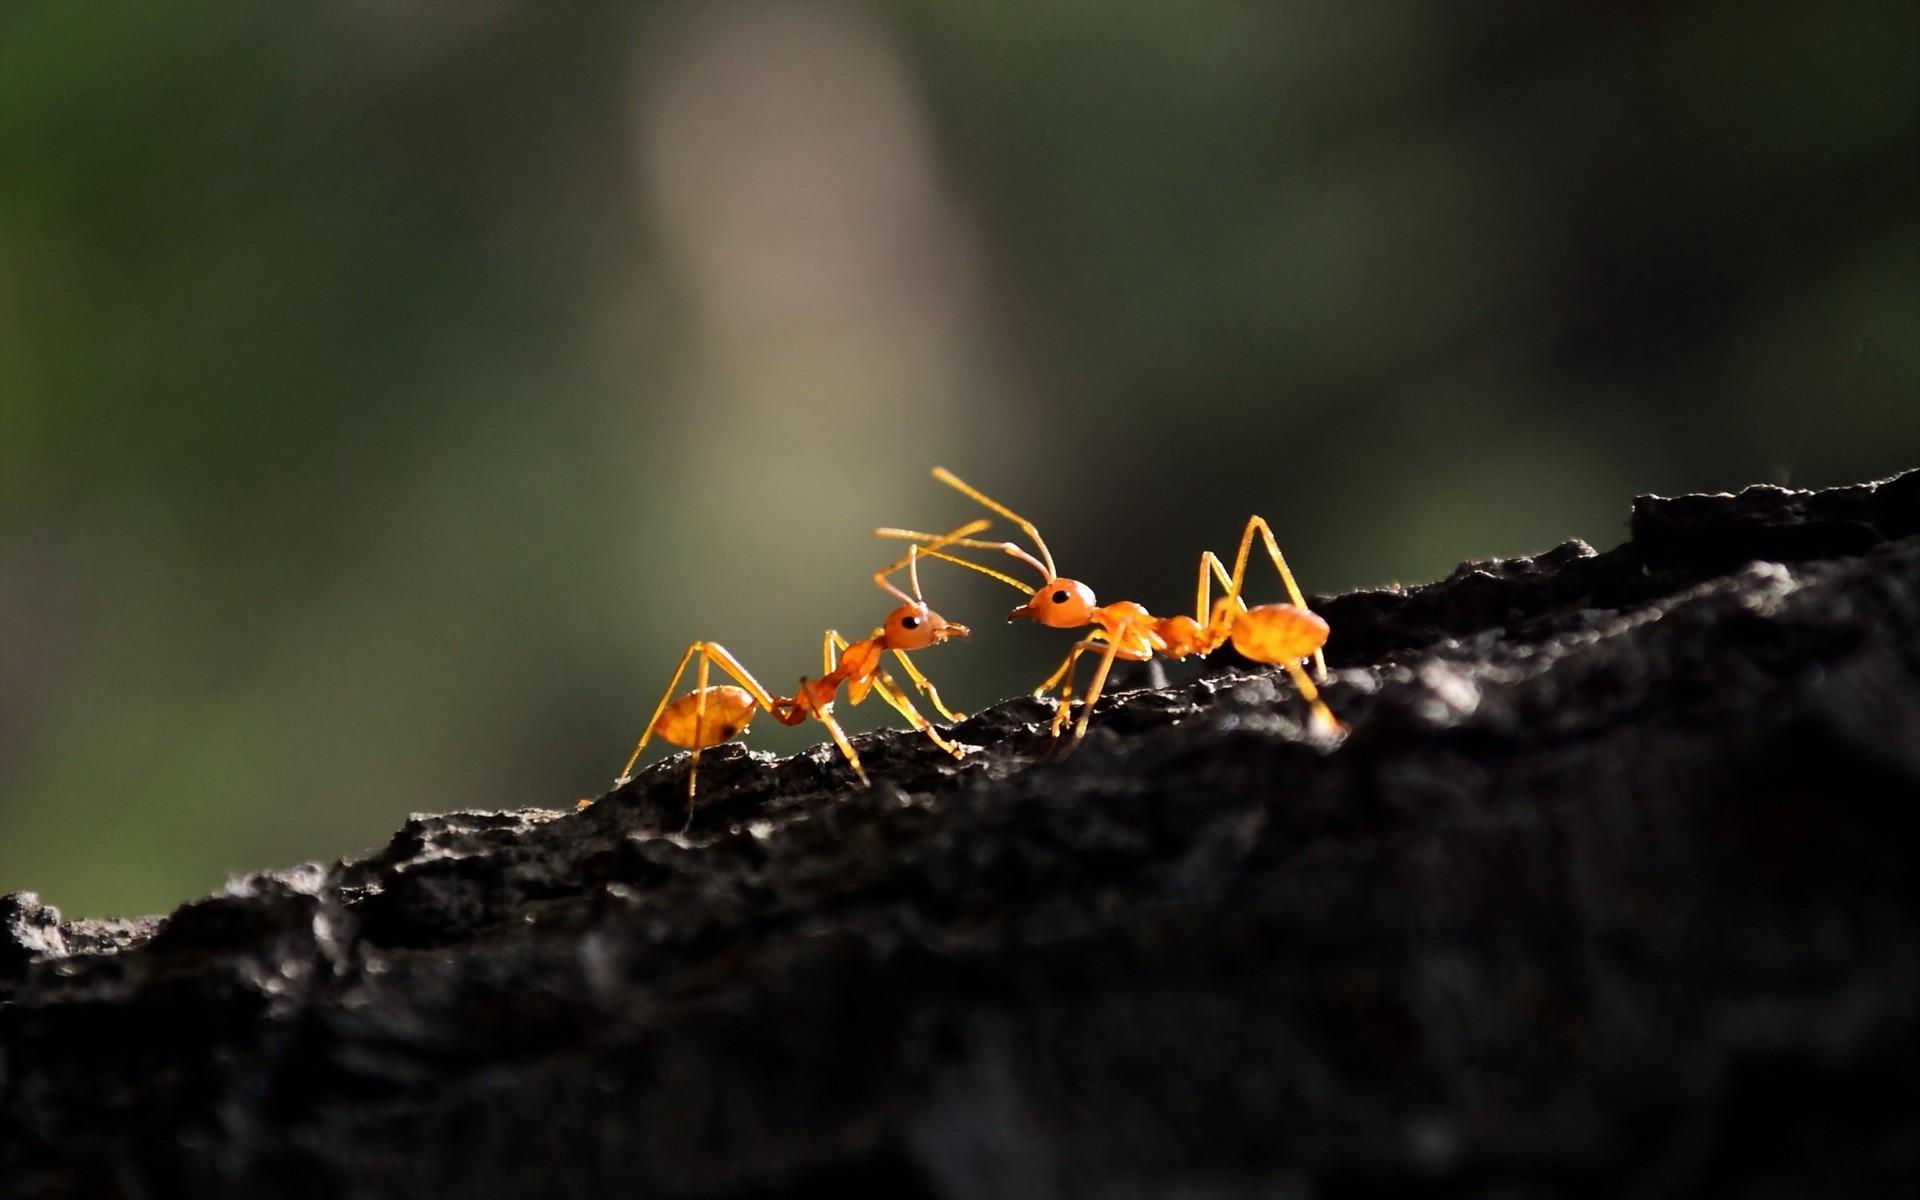 Pubg Wallpaper Hd Desktop Background Images Picture Pics: Como Eliminar Hormigas Del Compost